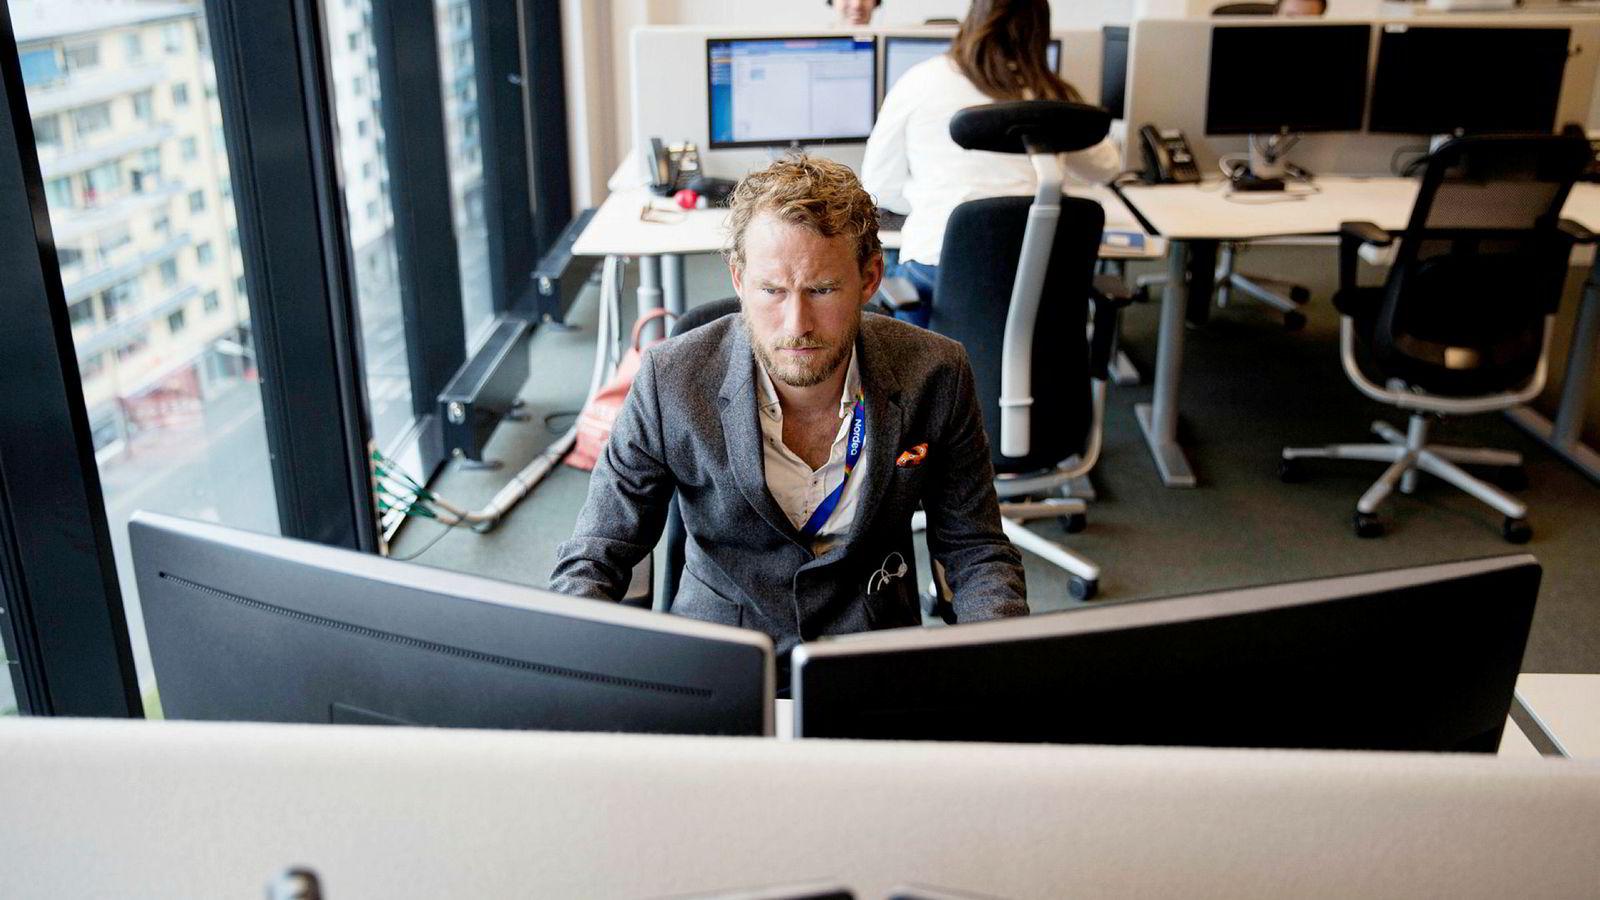 Sondre Havneraas (30) er en av rundt 40 AI-trenere i Nordea. Han lærer chatroboten Nova å kommunisere som et menneske.